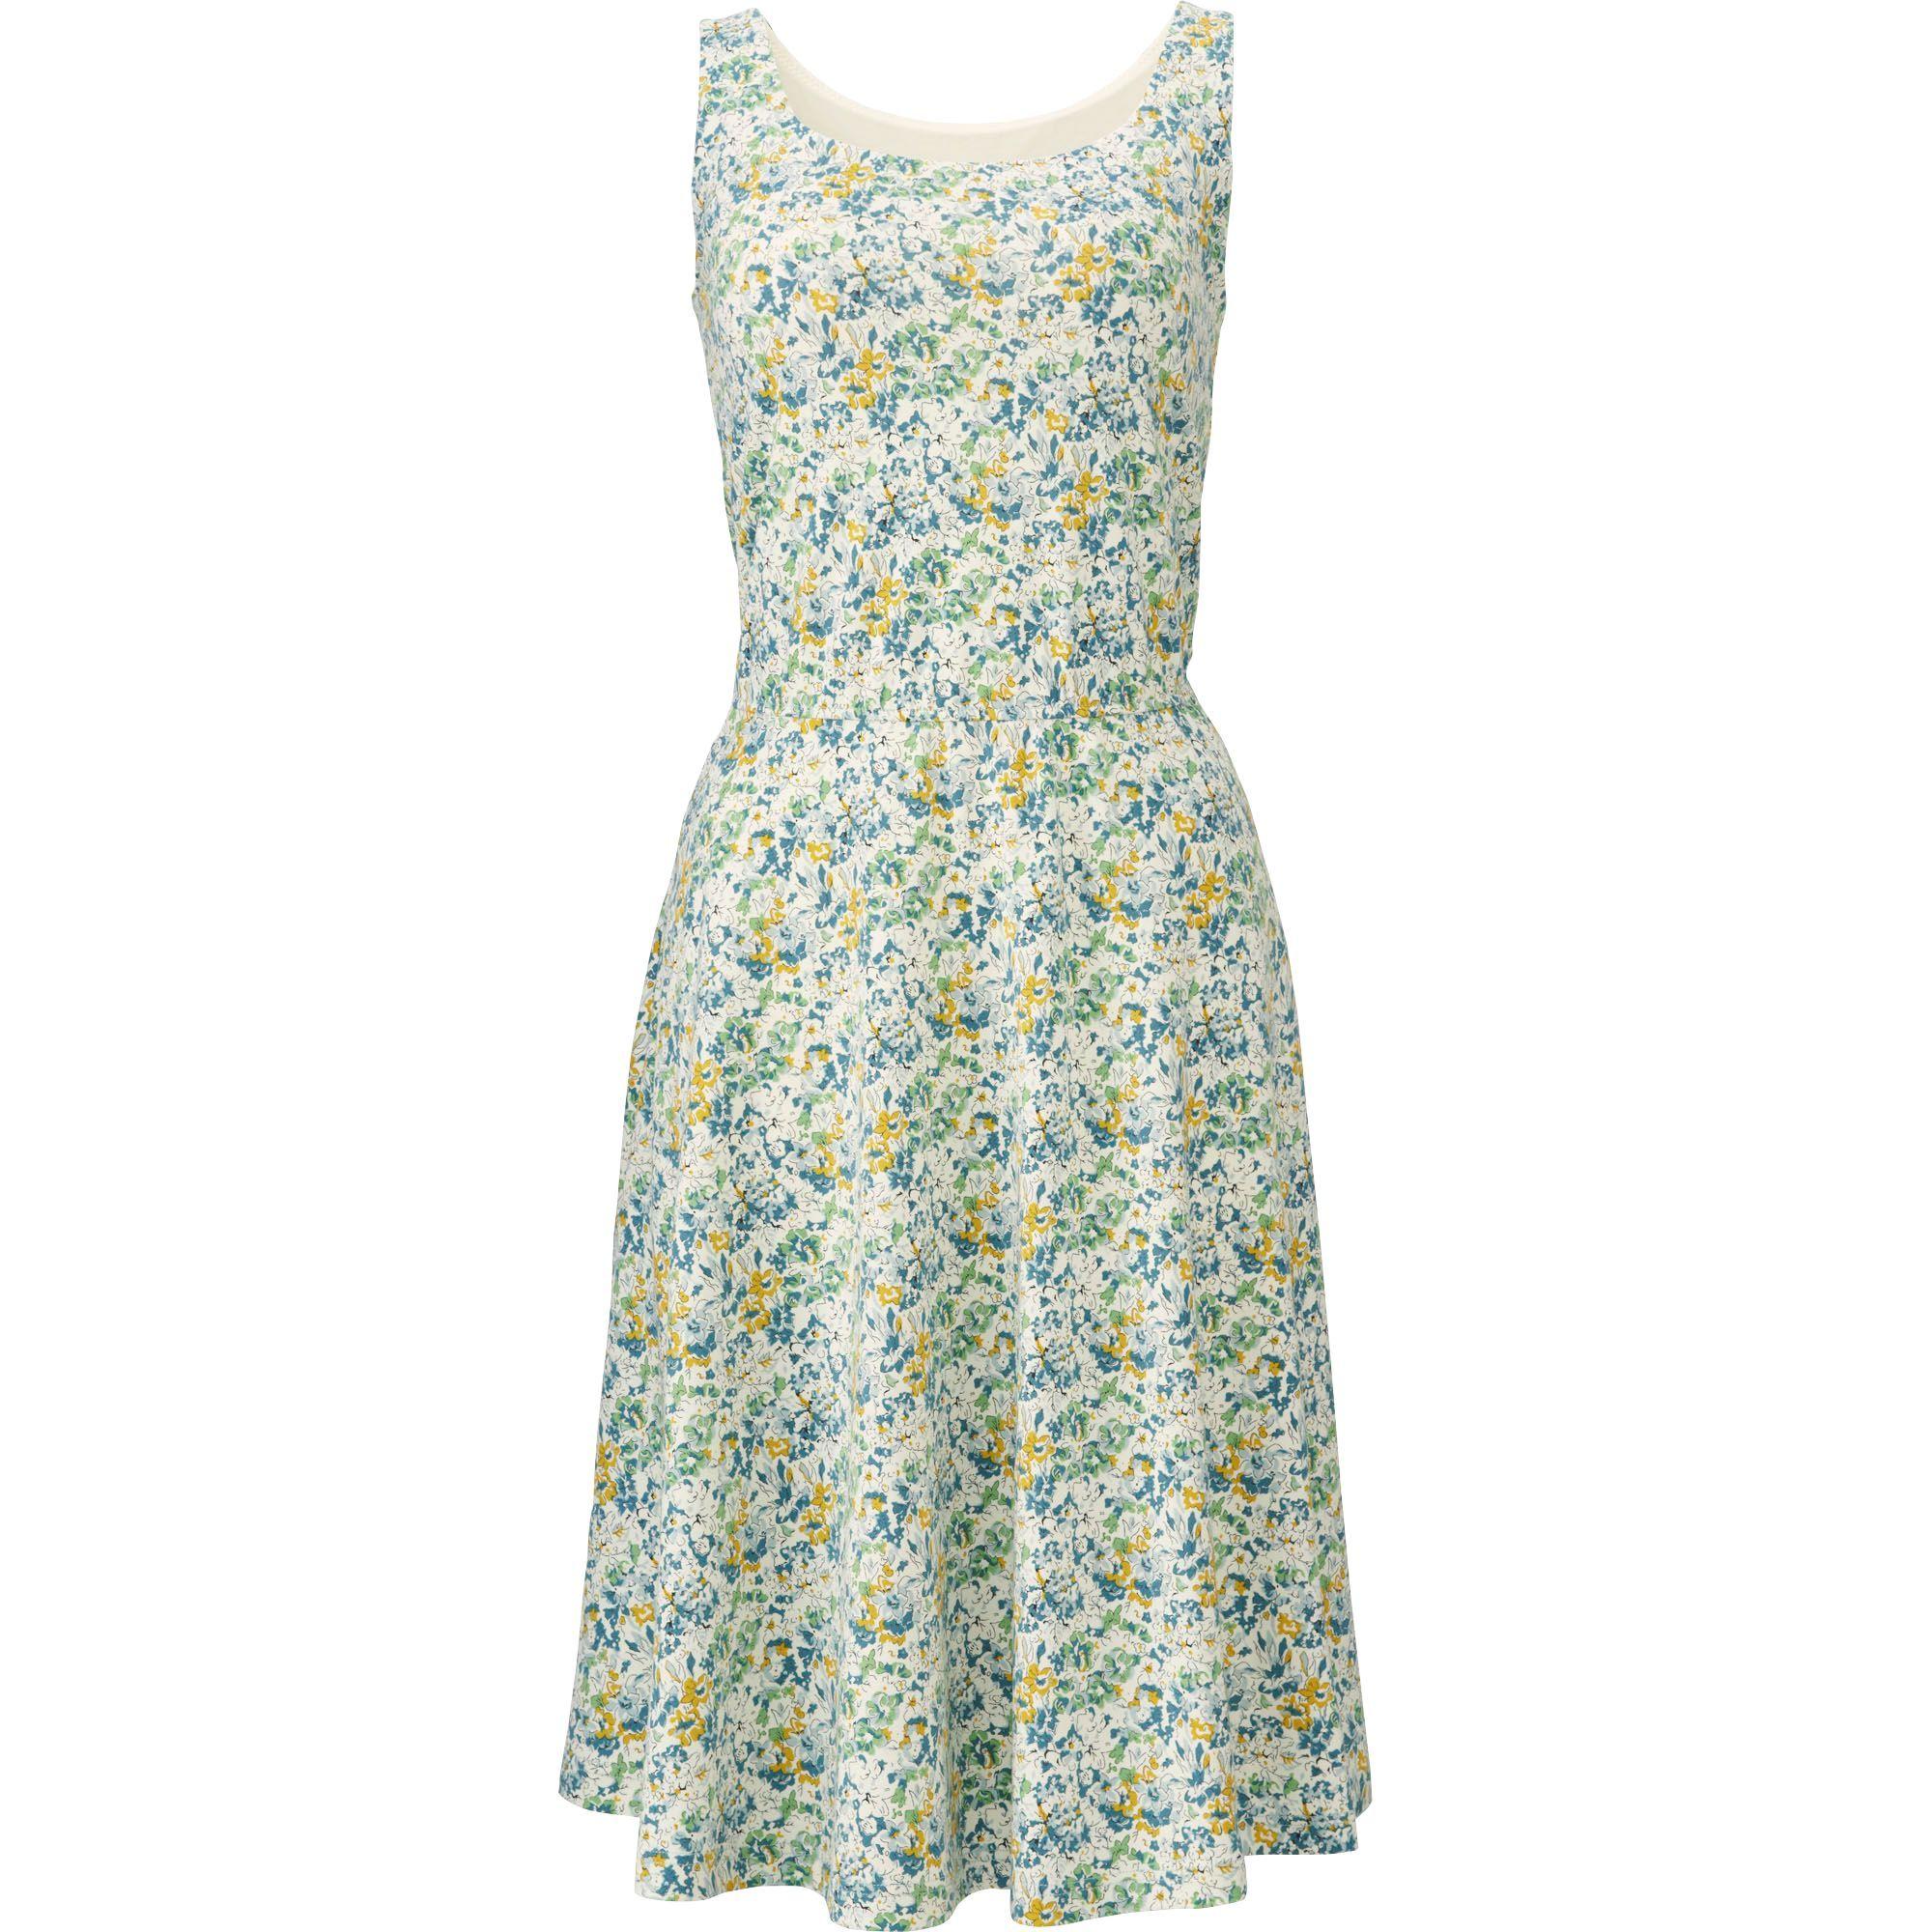 Women liberty london bra dress wardrobe pinterest beautiful